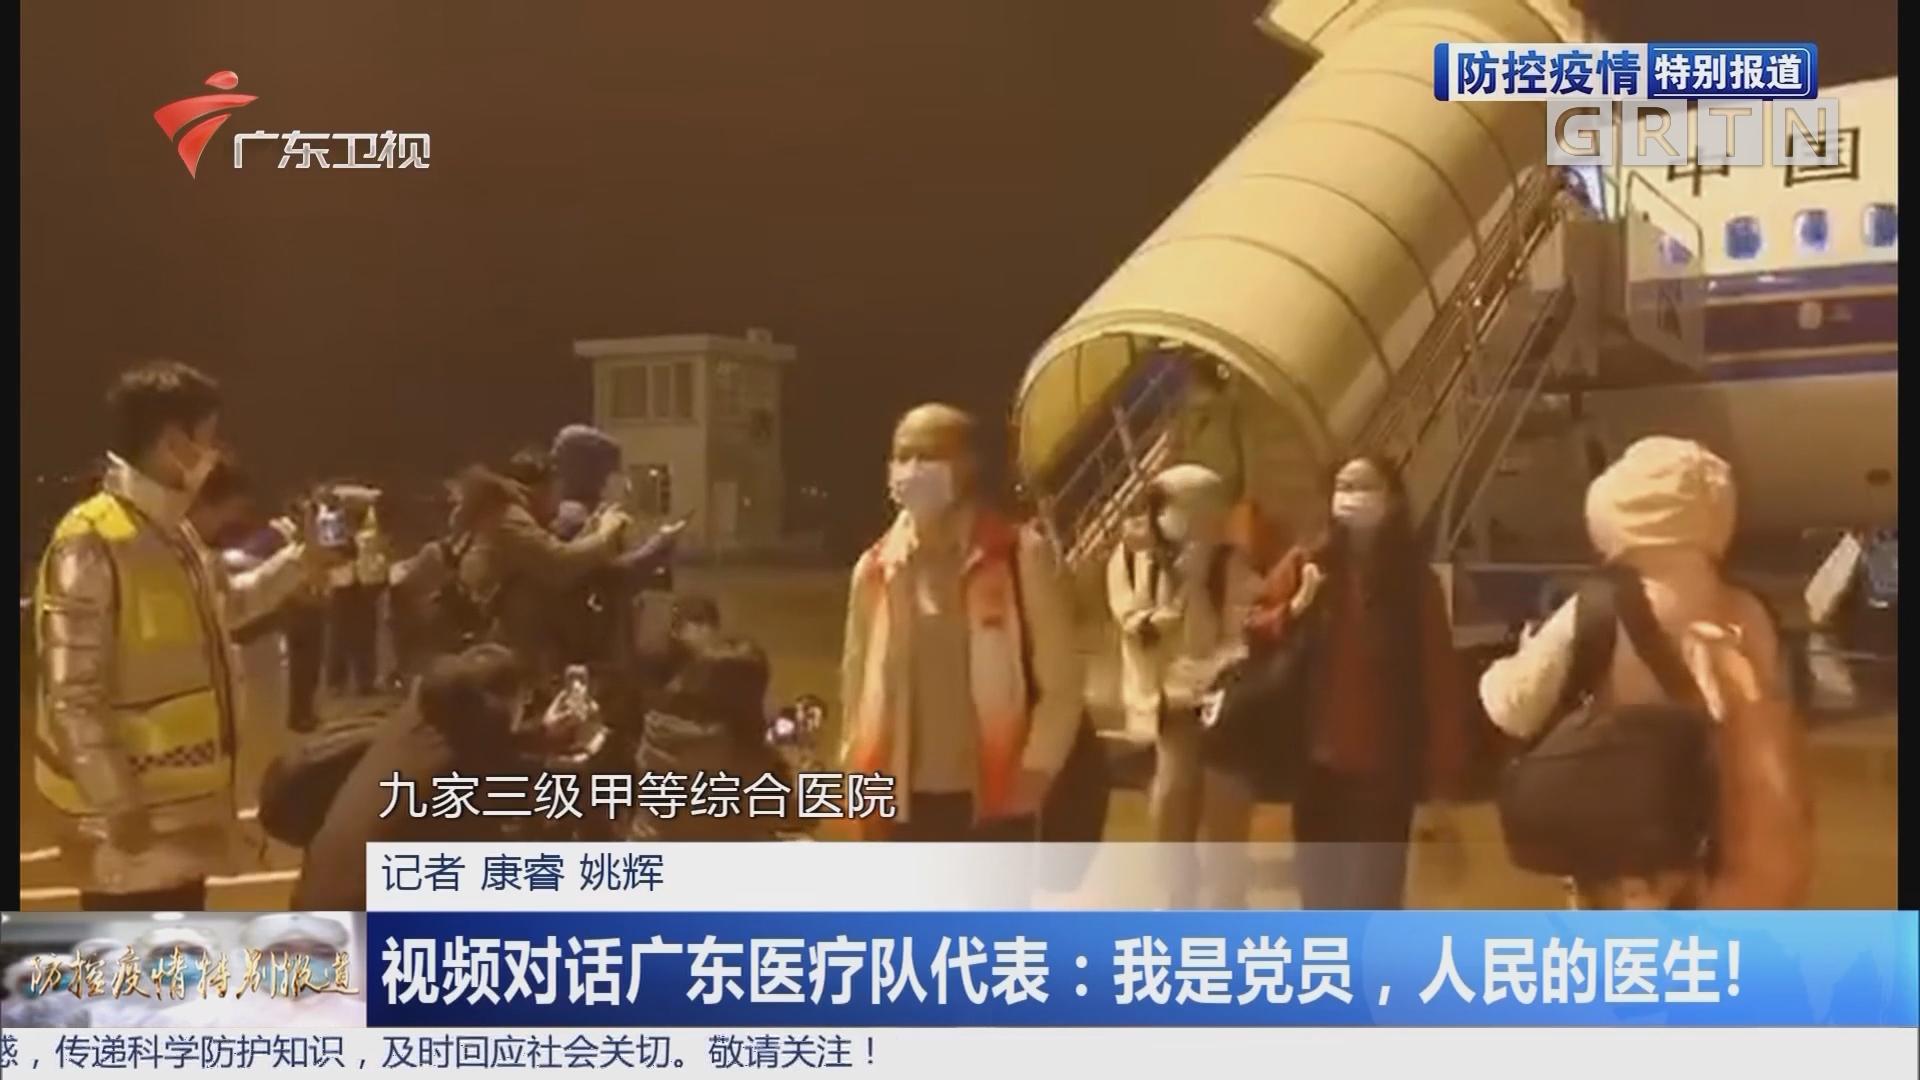 视频对话广东医疗队代表:我是党员,人民的医生!